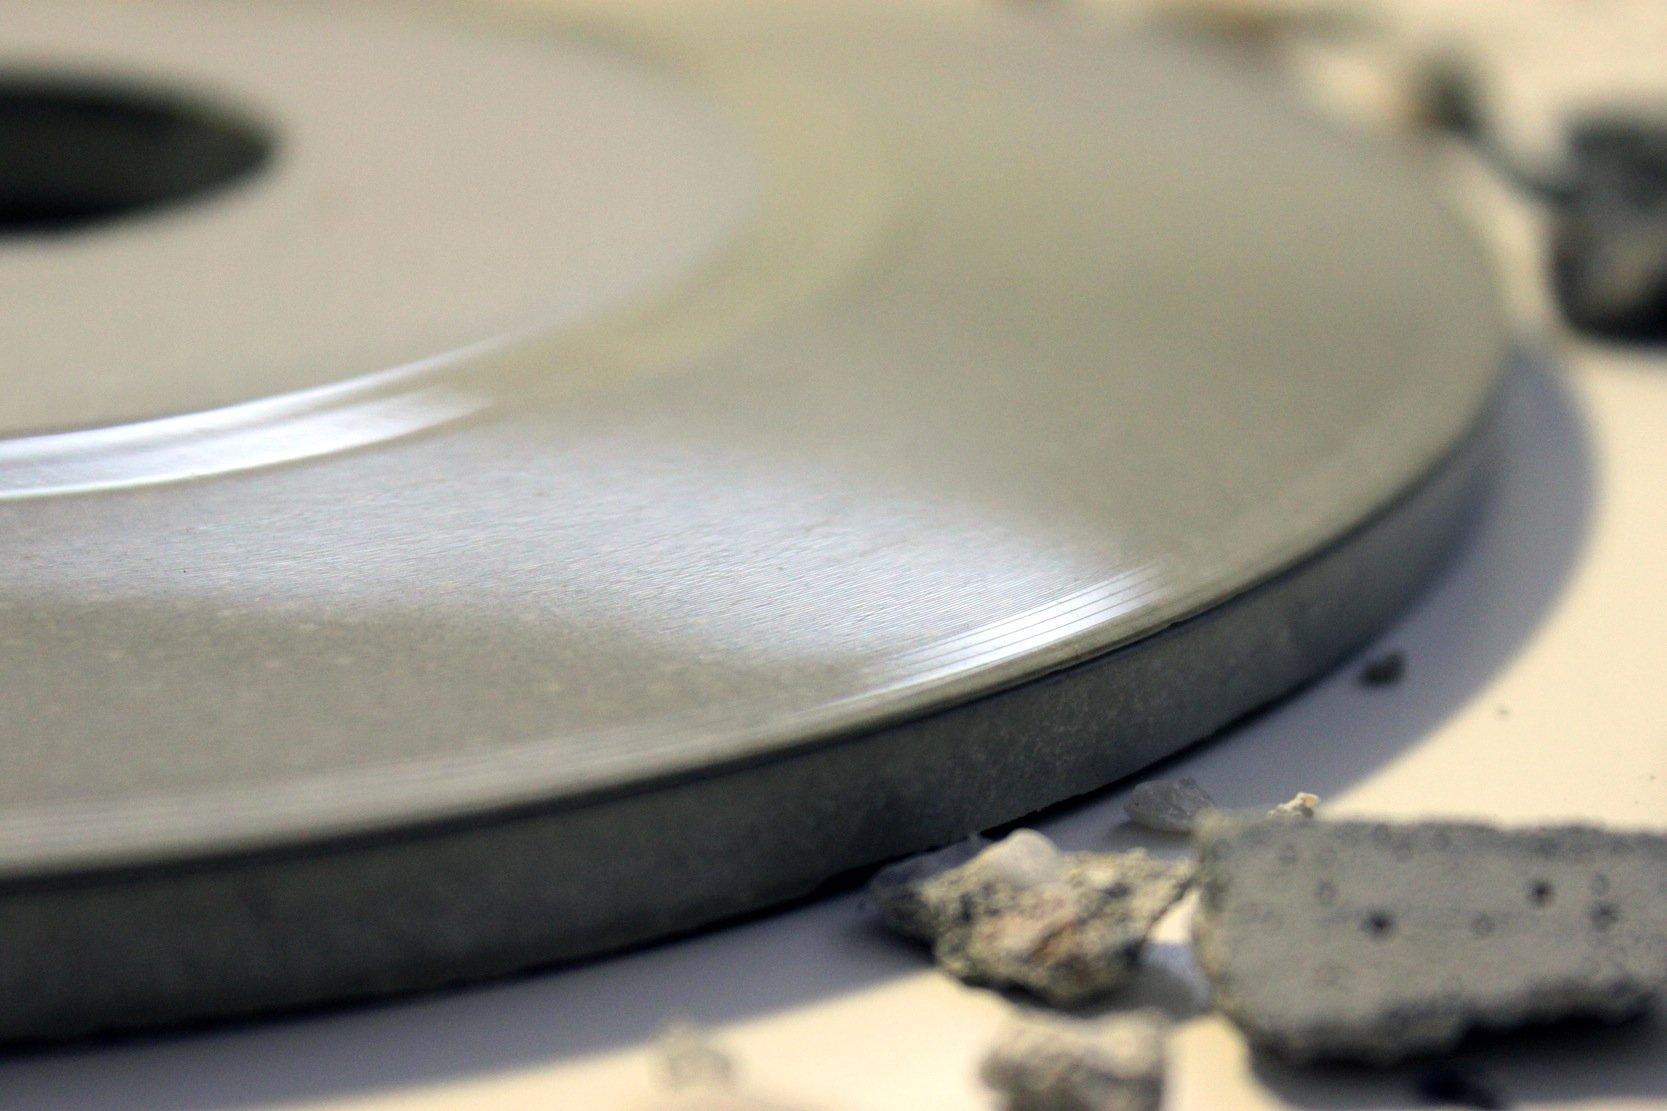 Das ist fast unglaublich: Diese filigrane Rille ist wirklich in eine Schallplatte aus Beton gepresst.